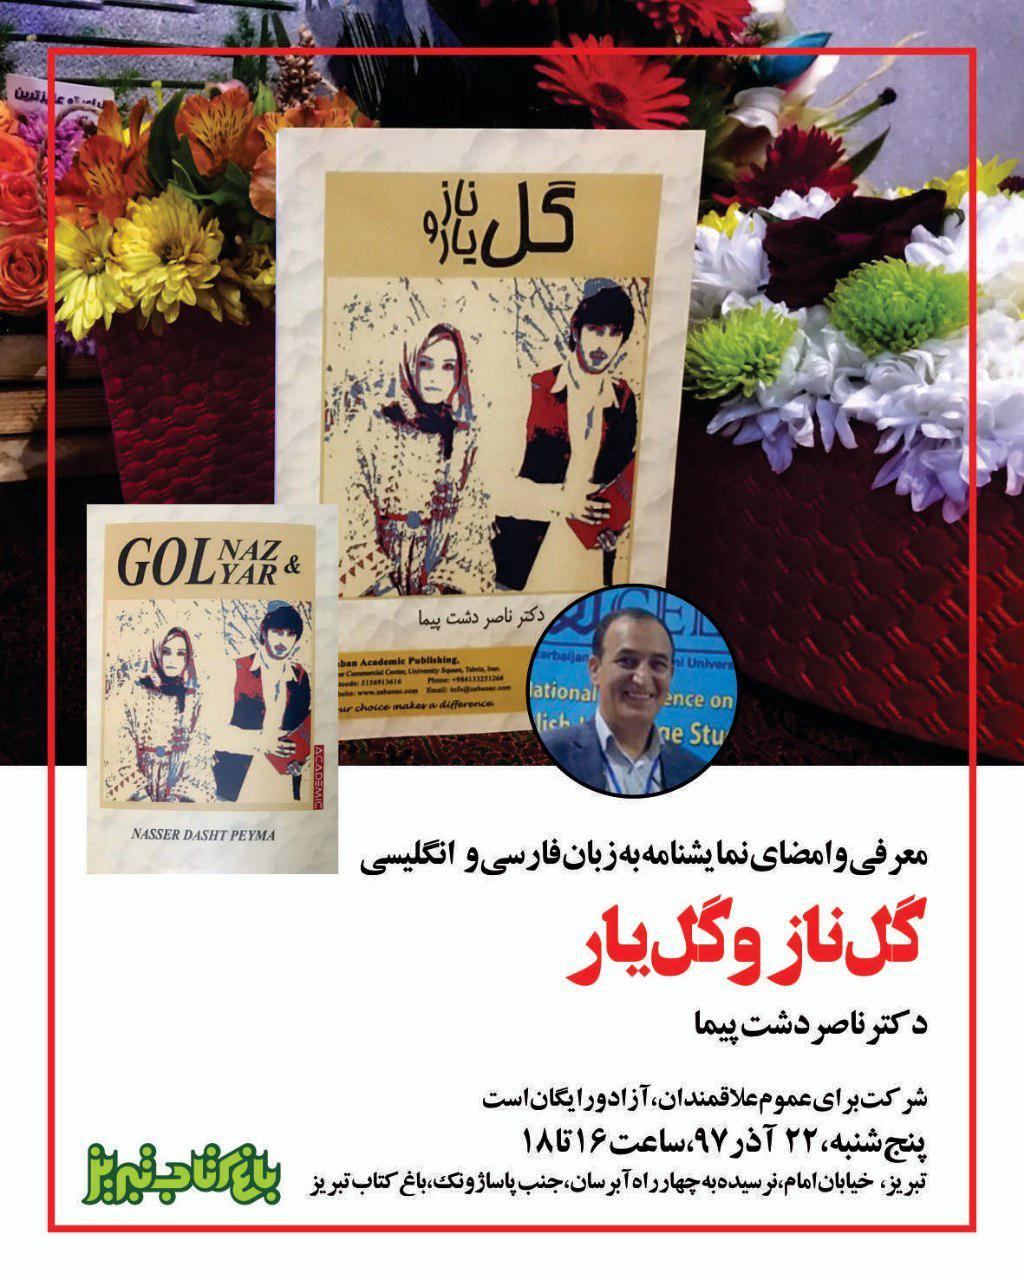 معرفی و امضای کتاب نمایشنامه به زبان فارسی و انگلیسی گل ناز و گلیار